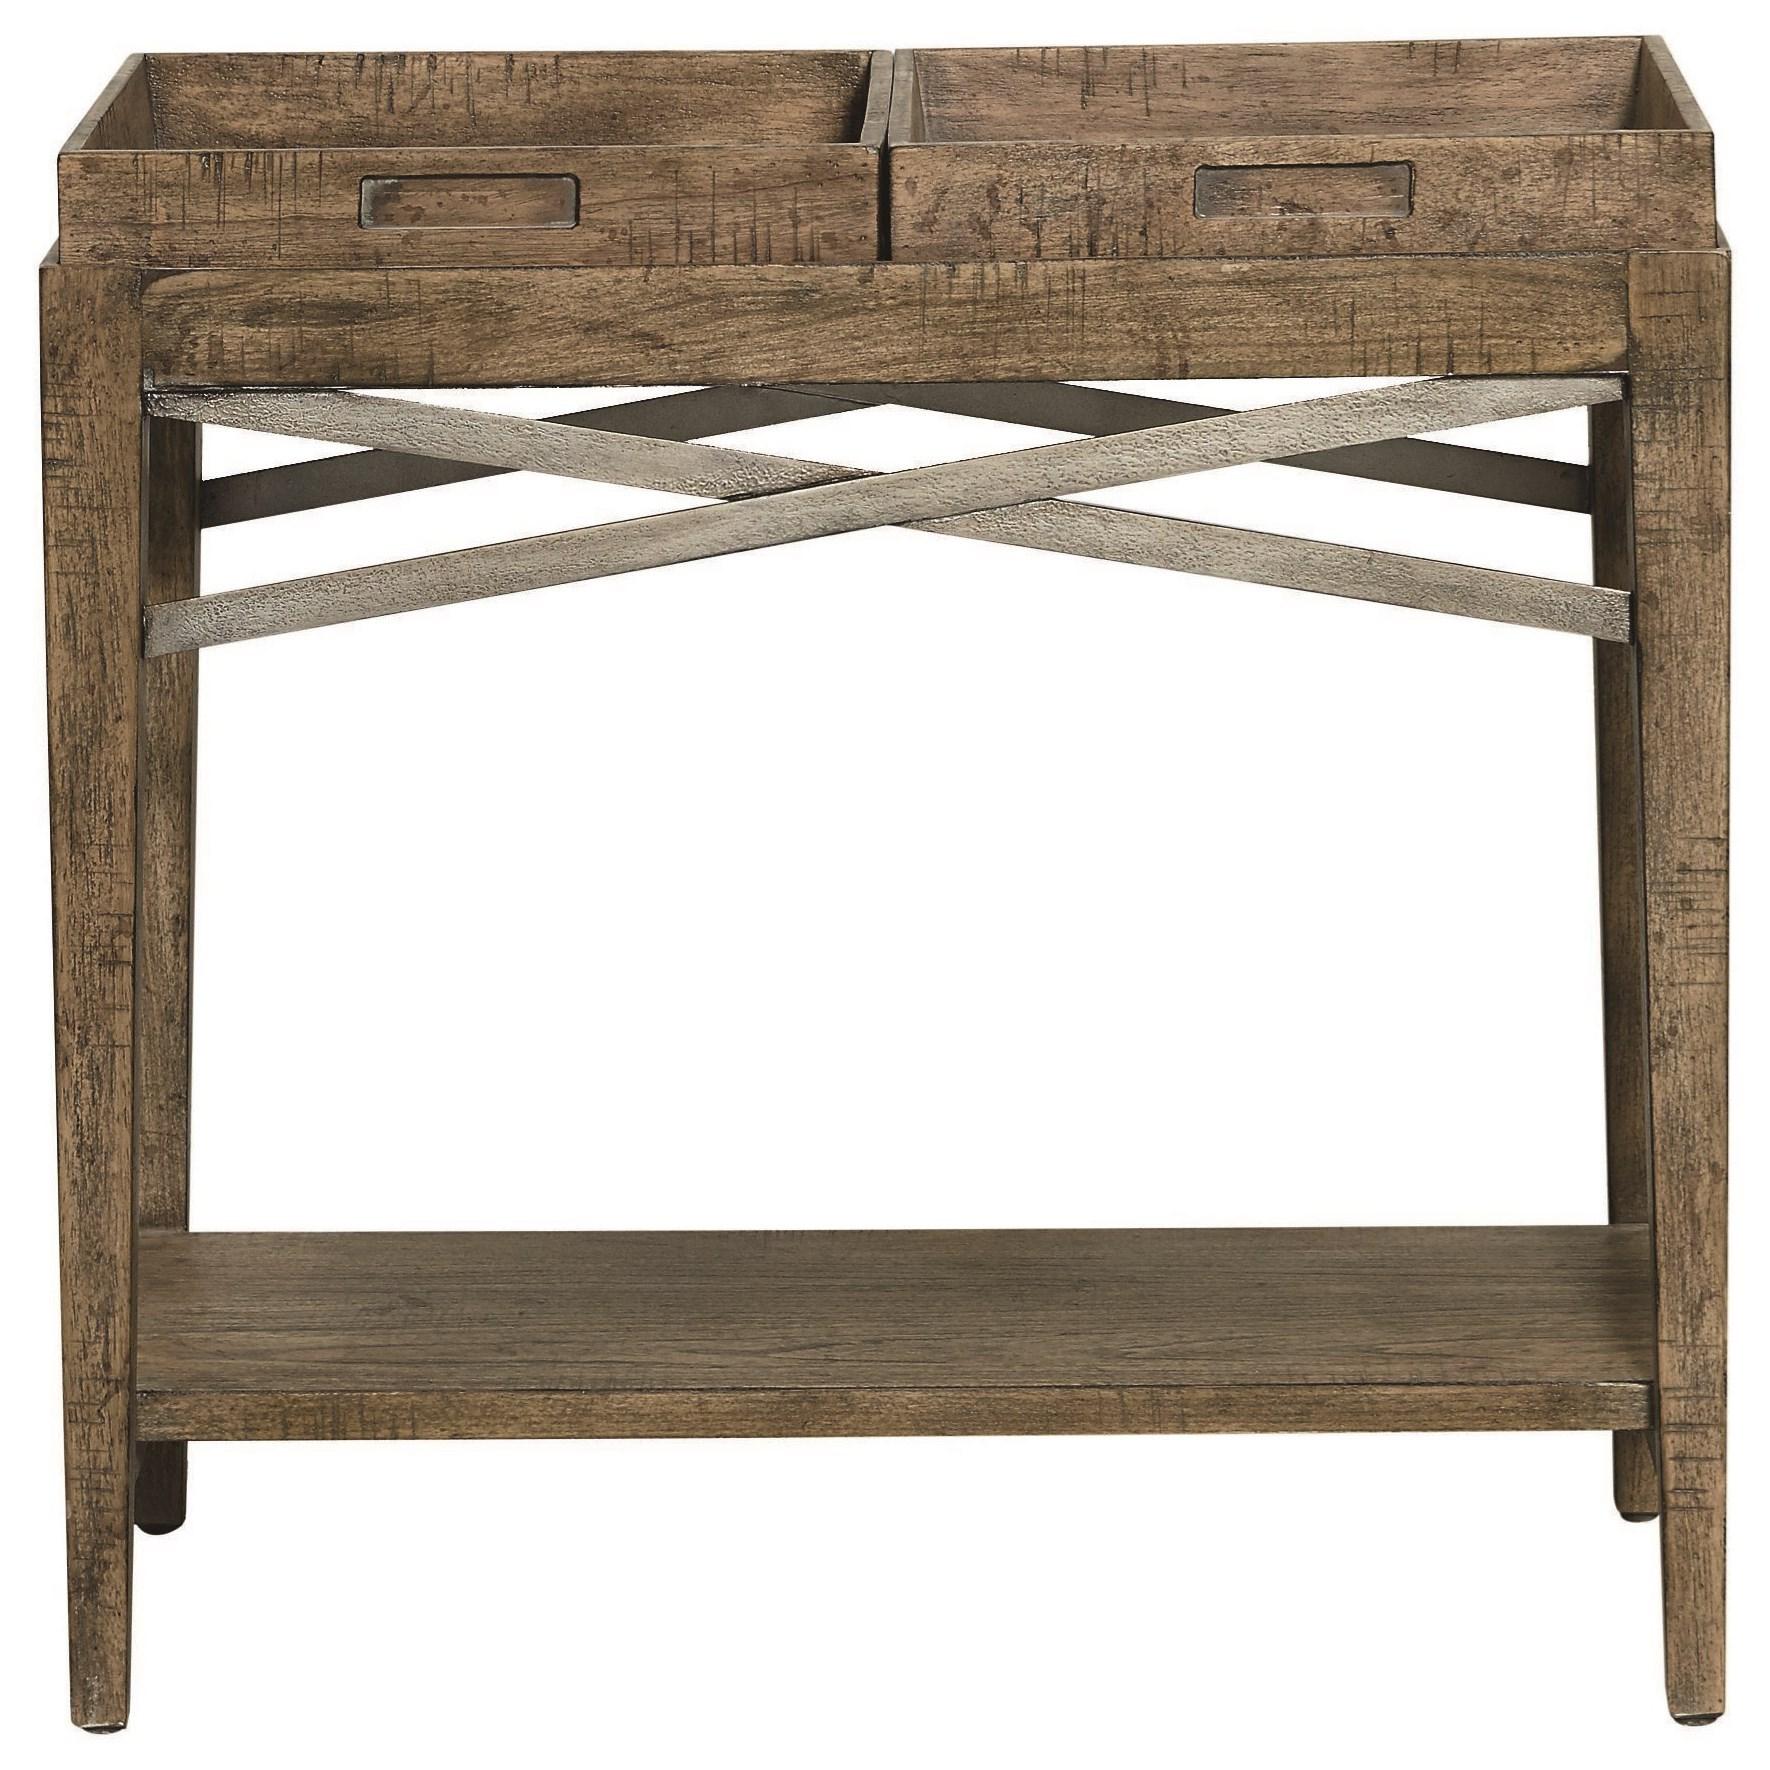 Woodridge Chairside Table by Bassett at Bassett of Cool Springs